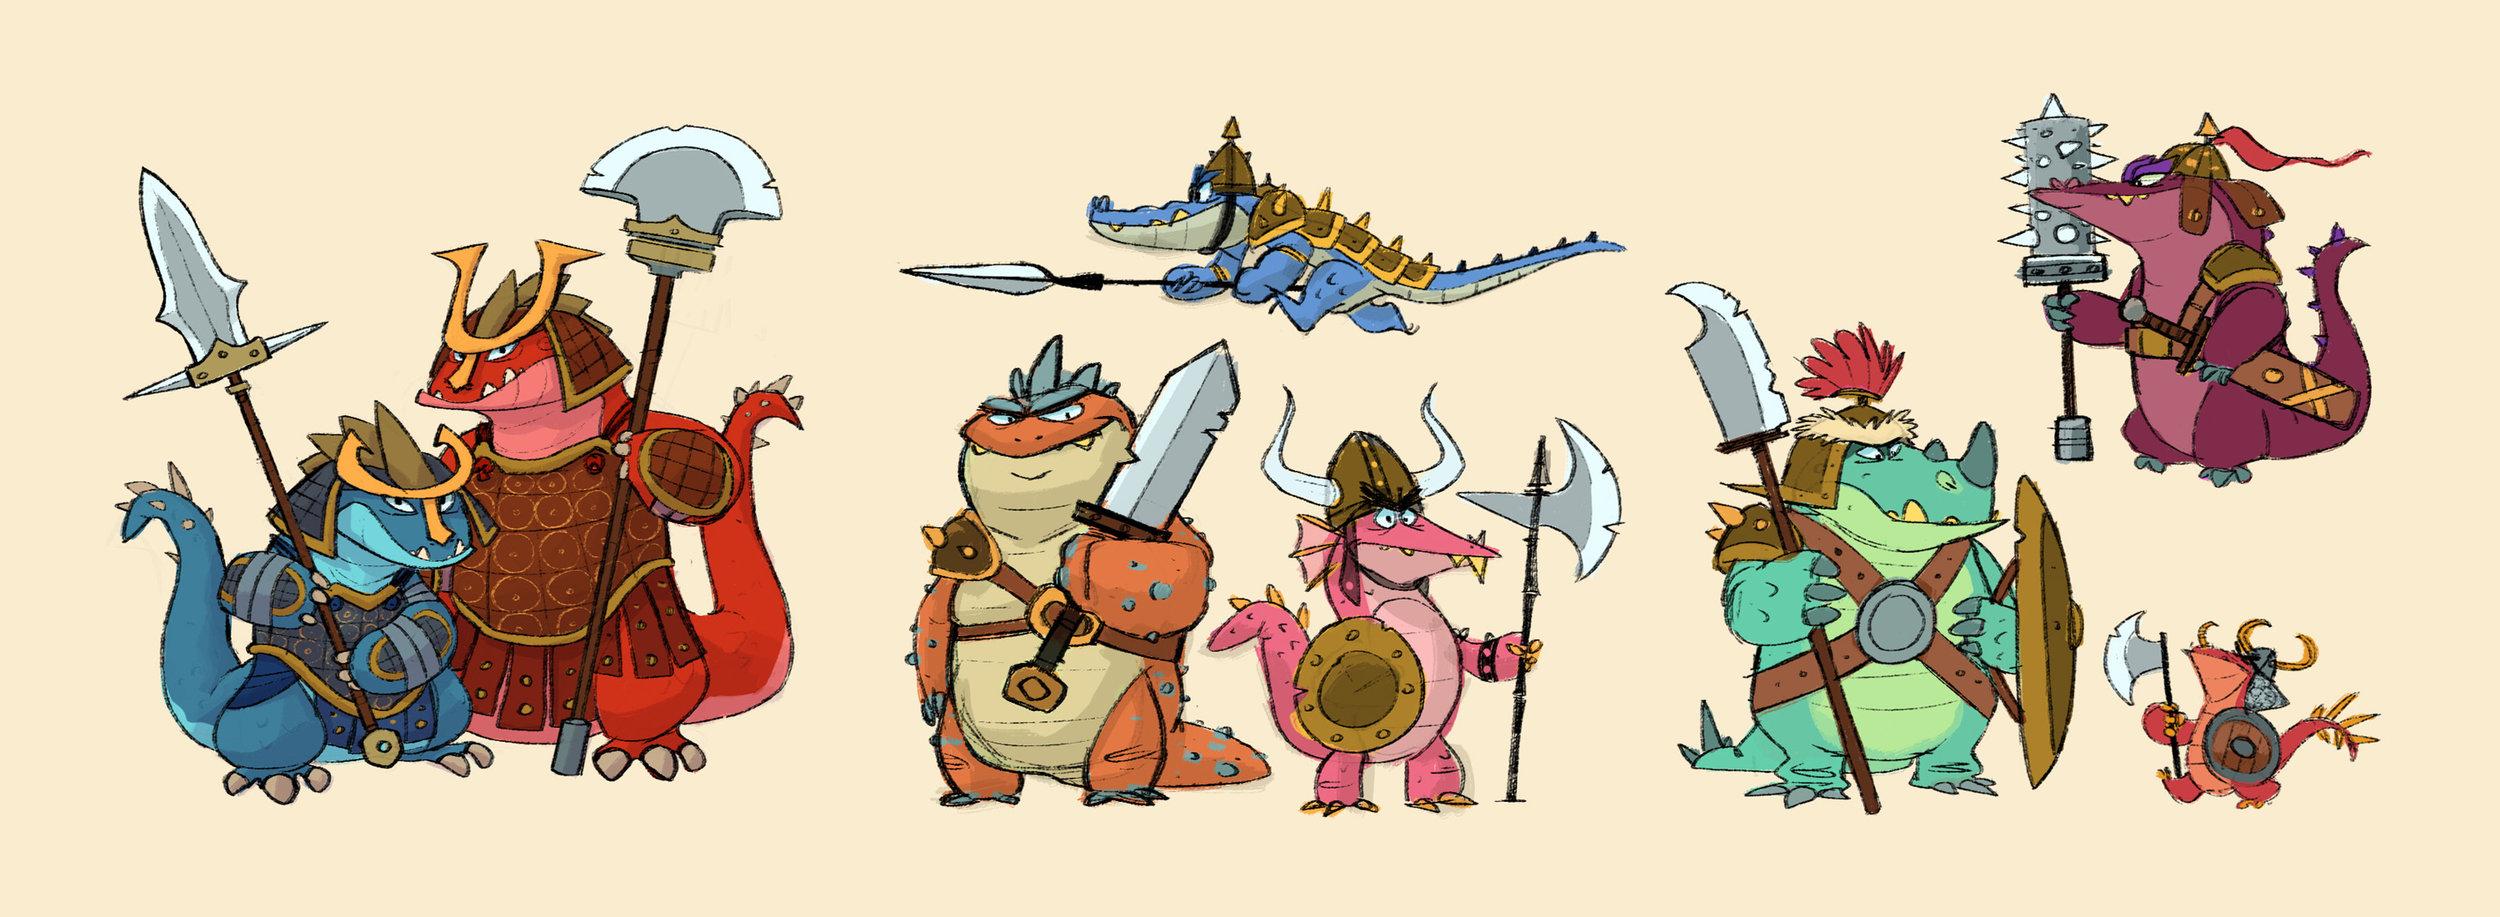 lizardwarriors_combopack.jpg